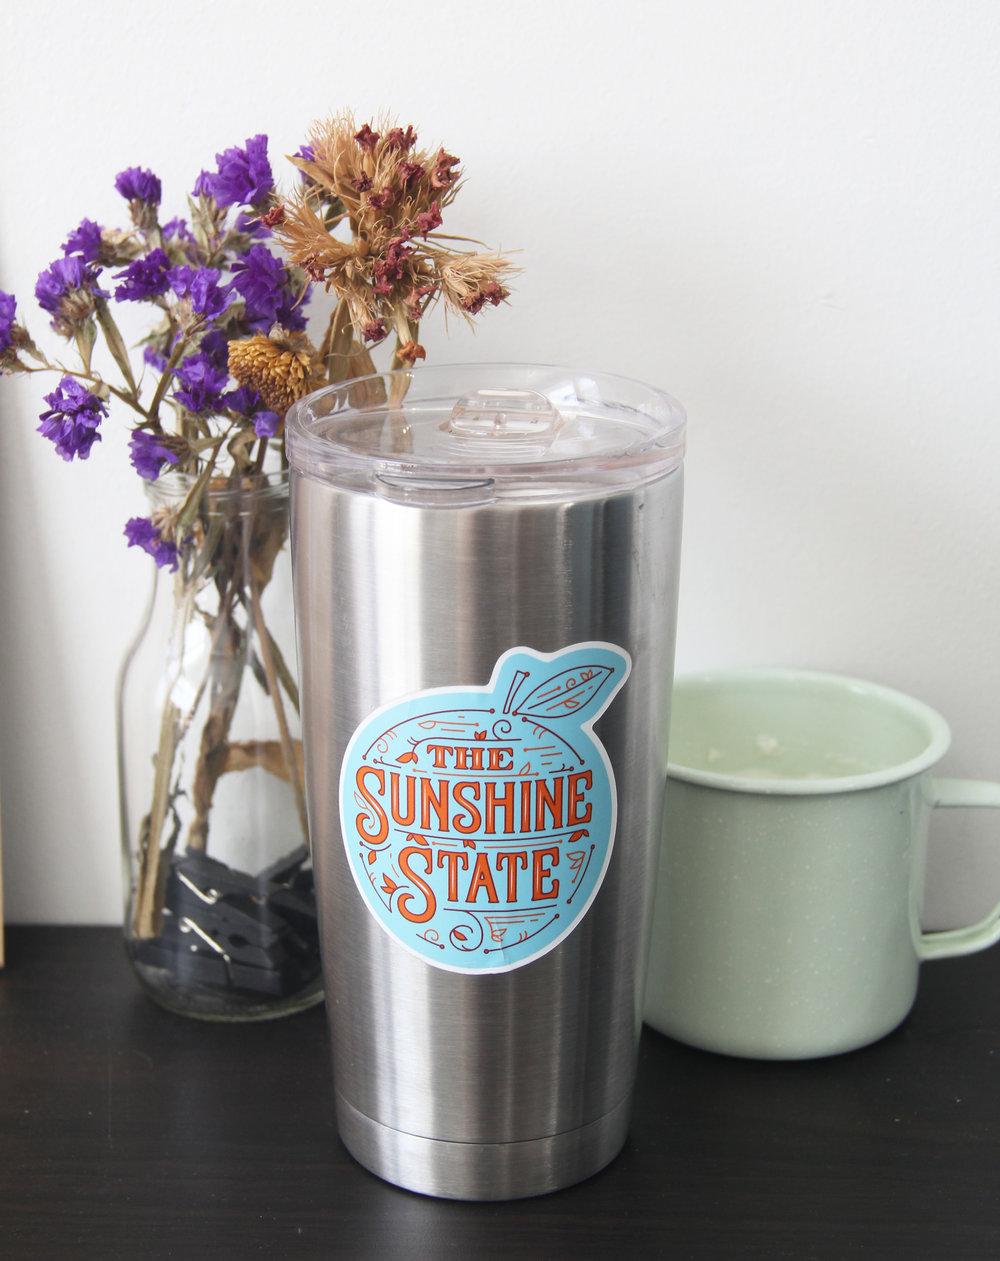 Sunshine State Sticker by Caroline Staniski